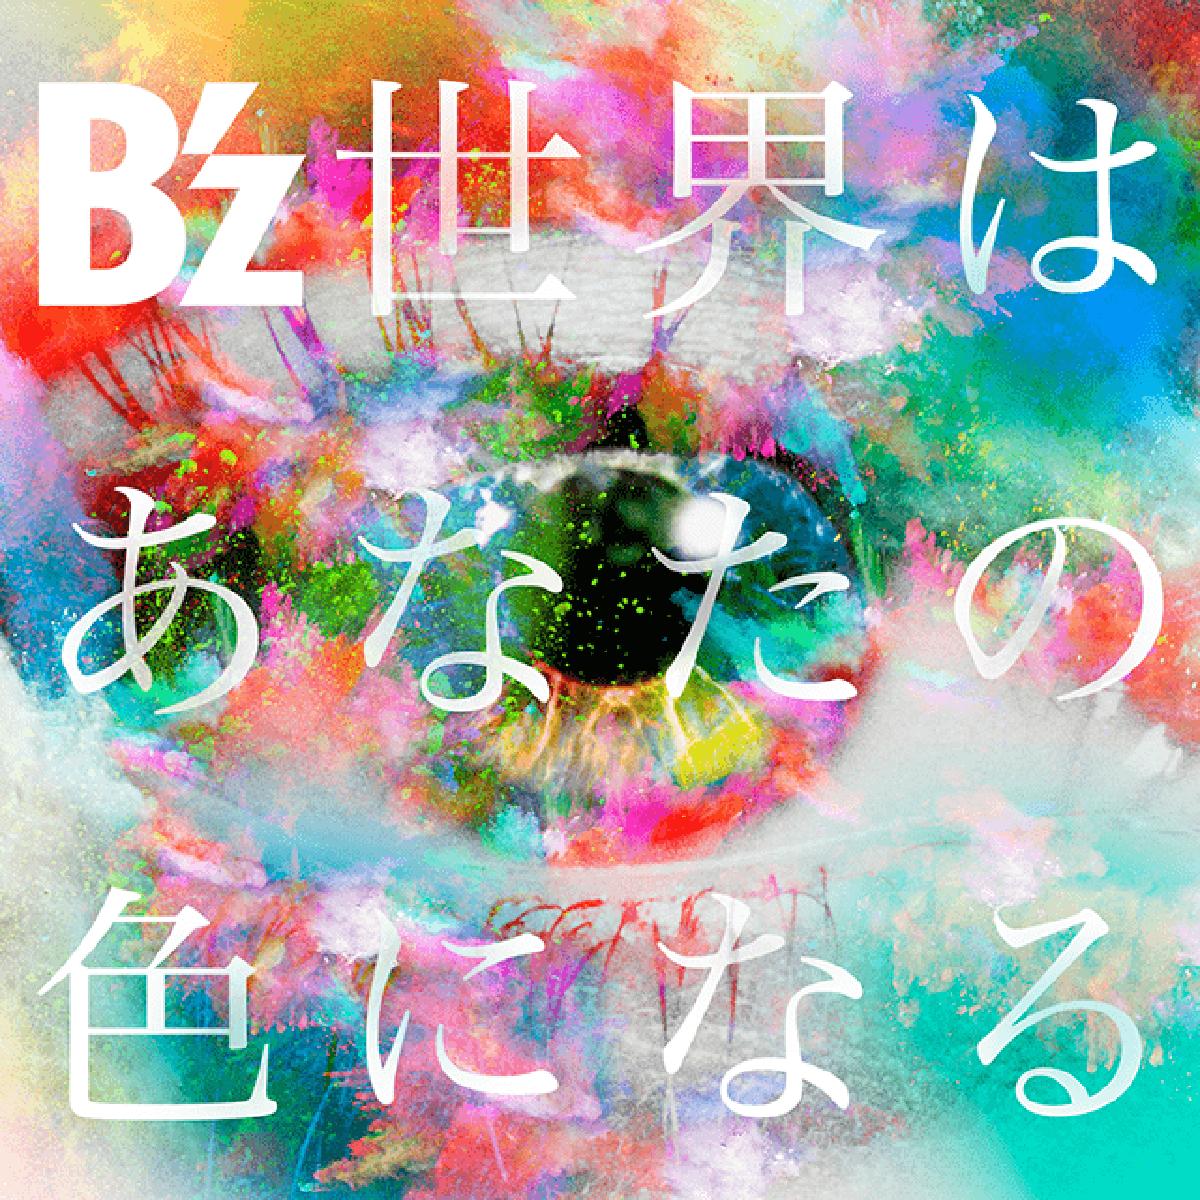 B'z配信限定シングル「世界はあなたの色になる」のジャケット画像